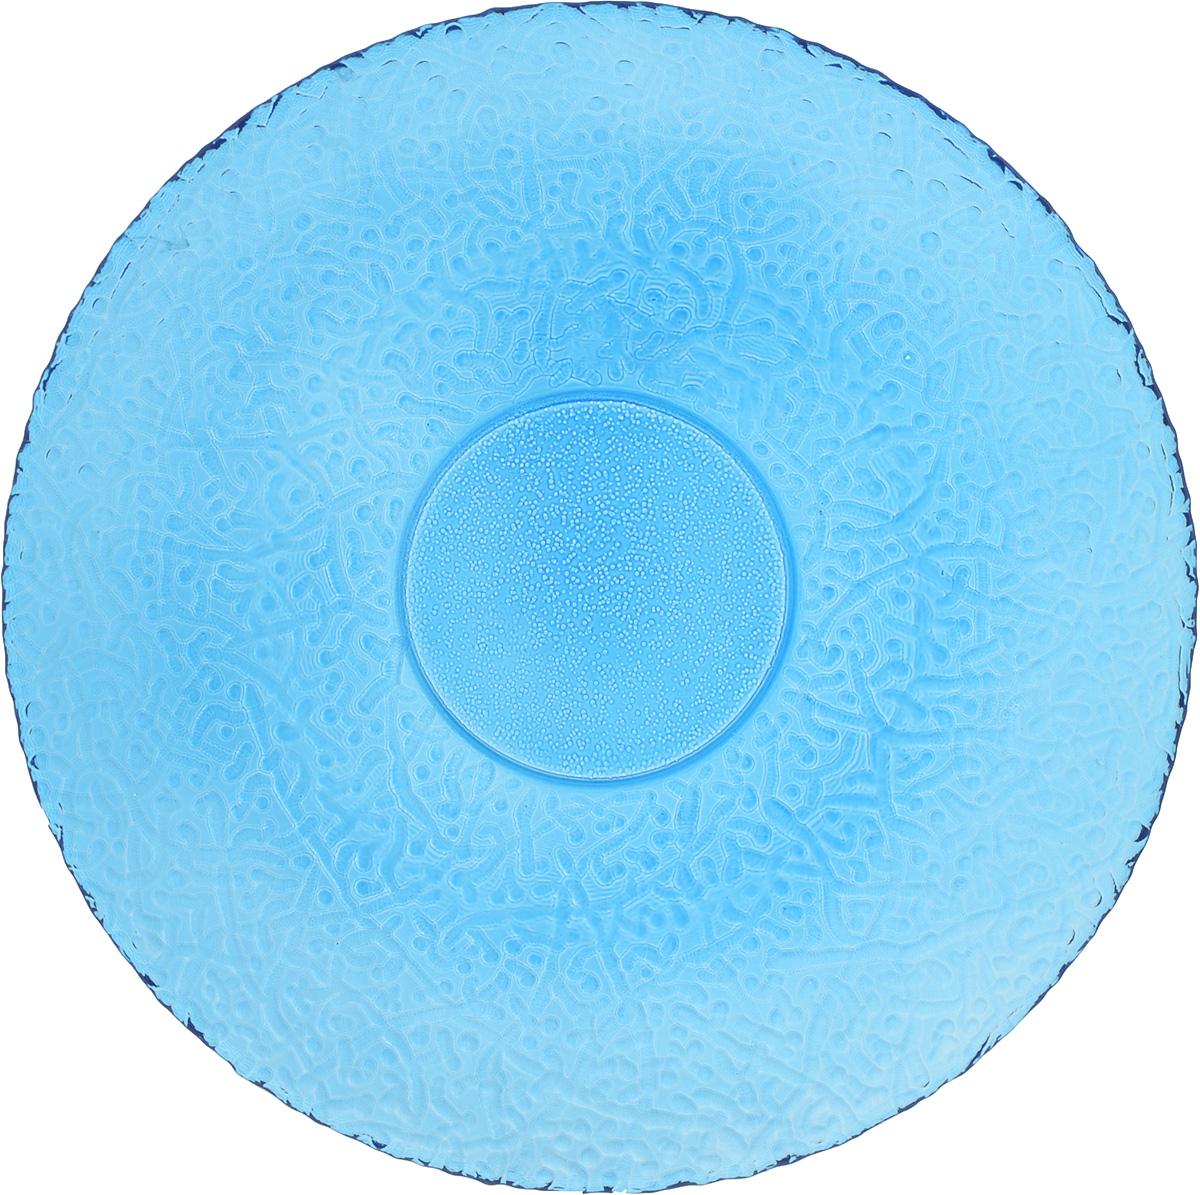 Тарелка NiNaGlass Ажур, цвет: синий, диаметр 26 см бусы из жемчуга ажур нжм 6516